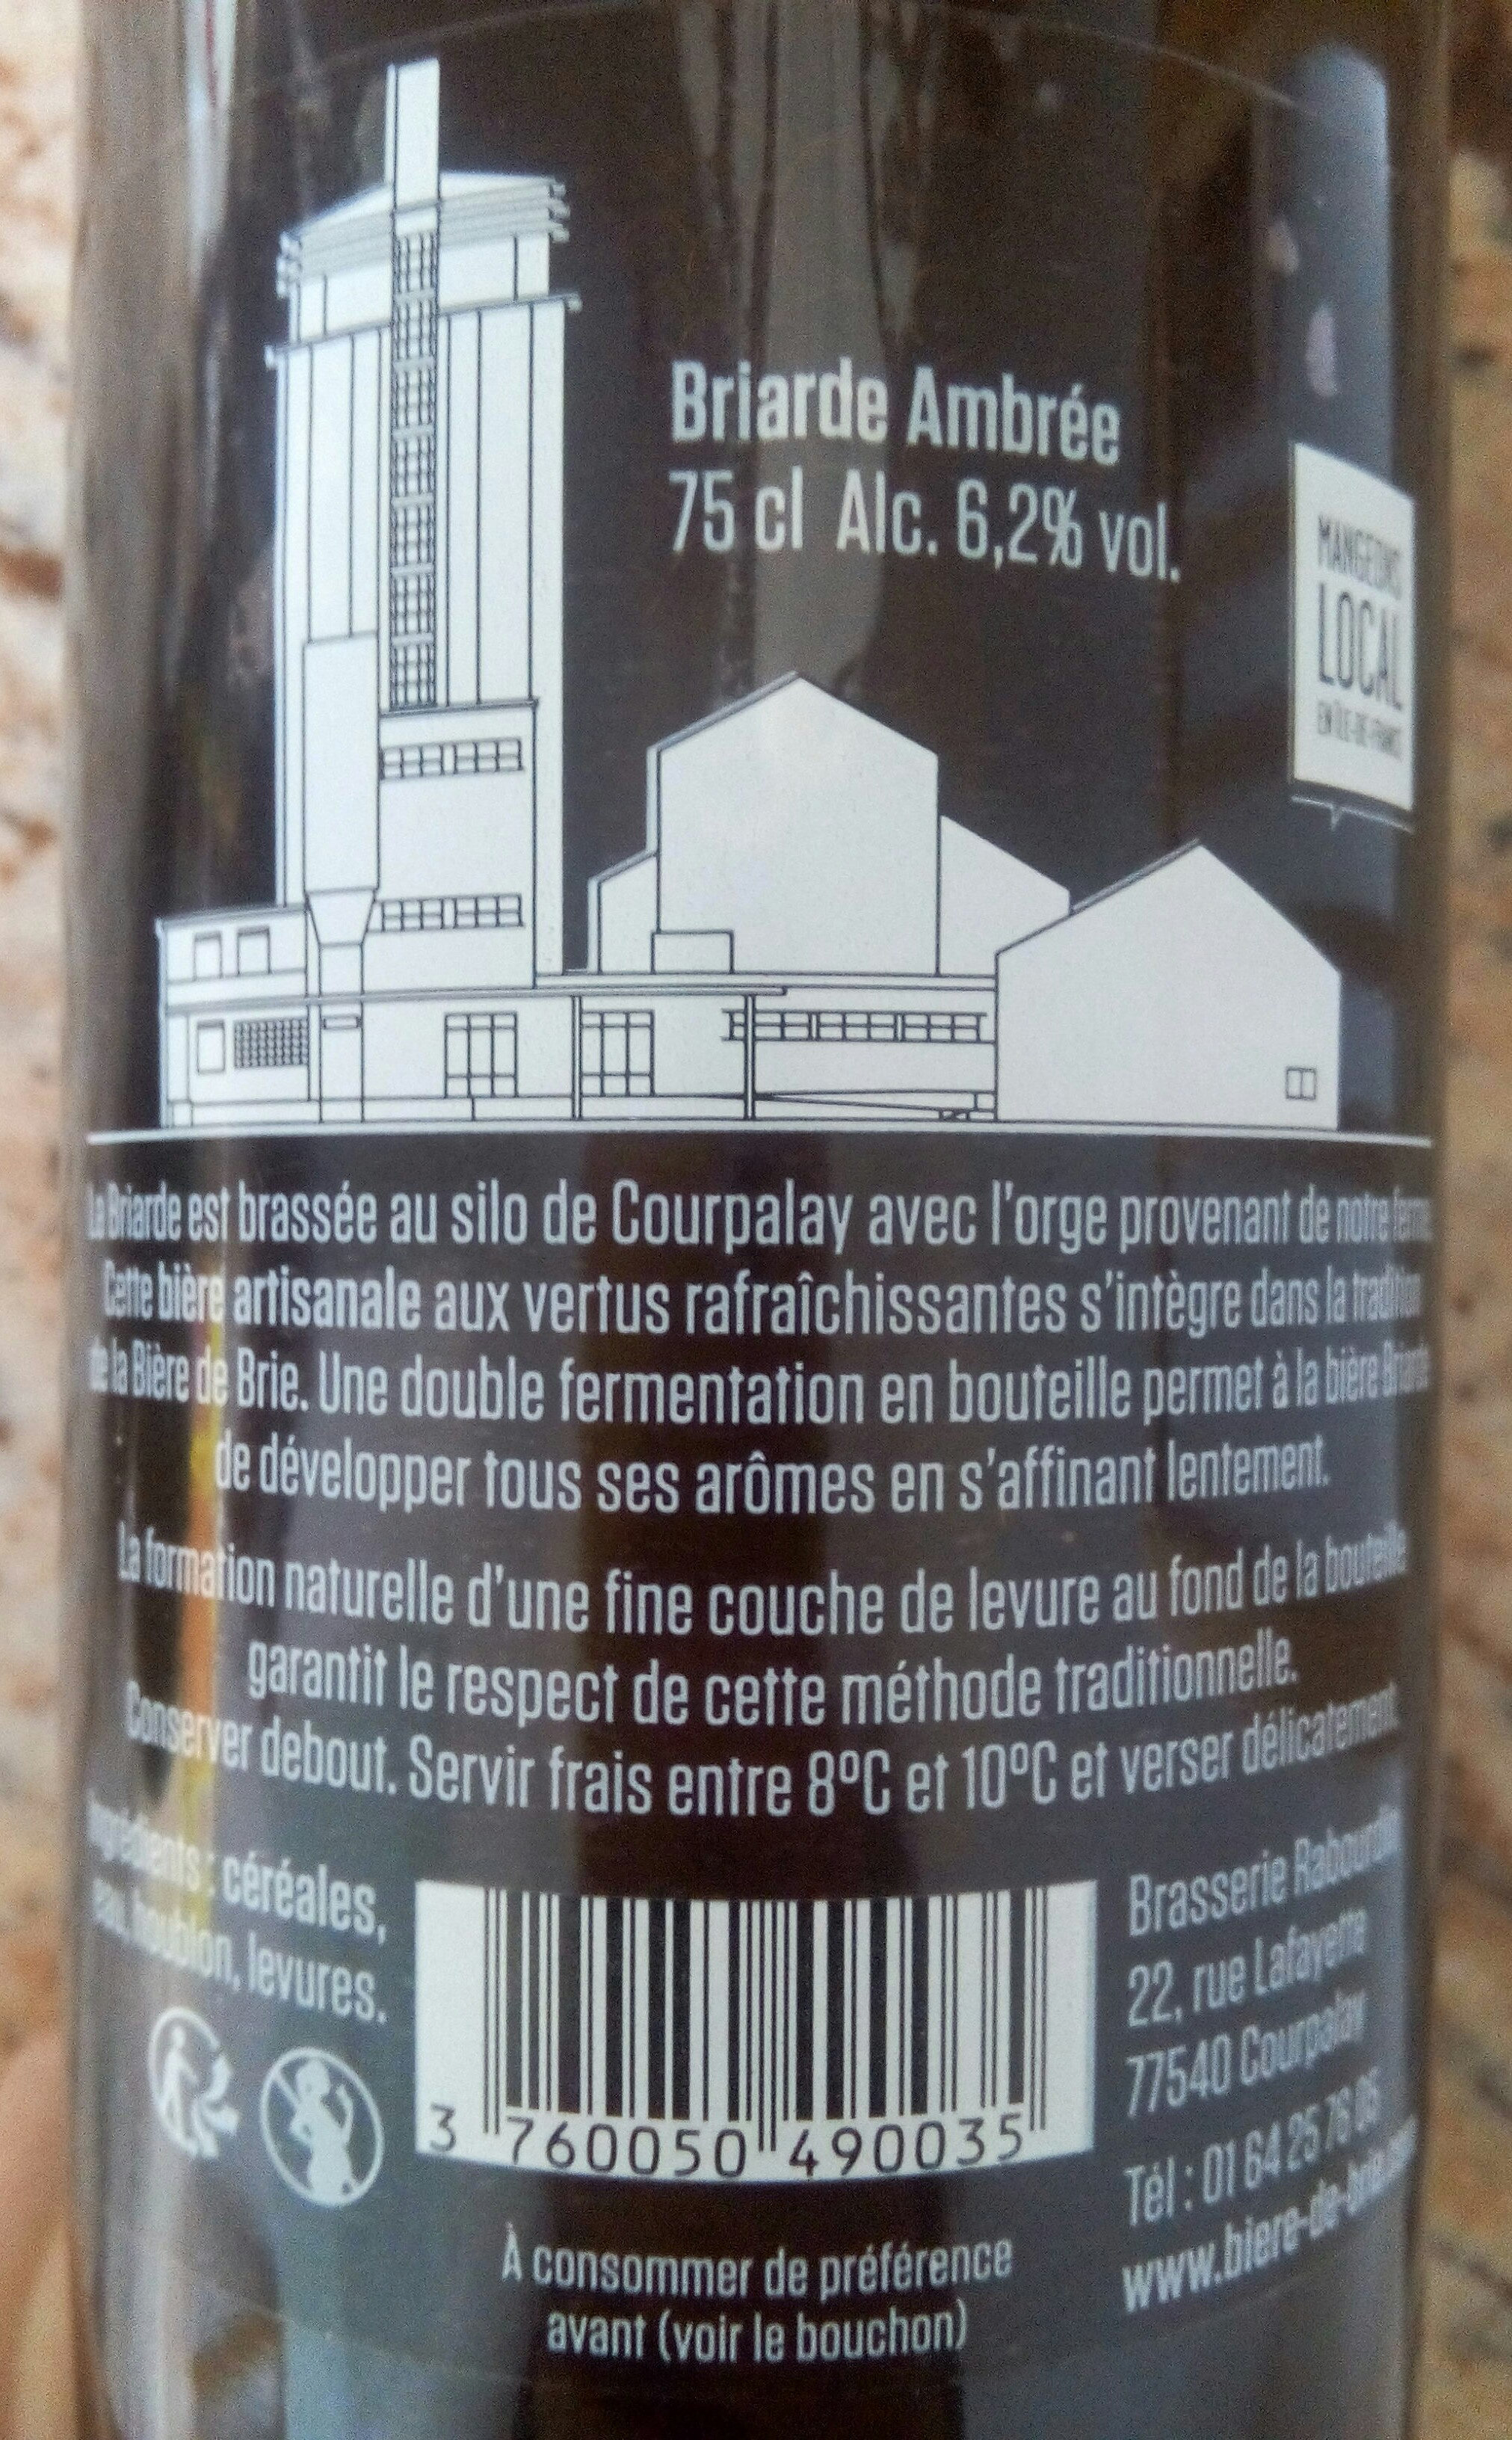 BRIARDE AMBRÉE - Ingredients